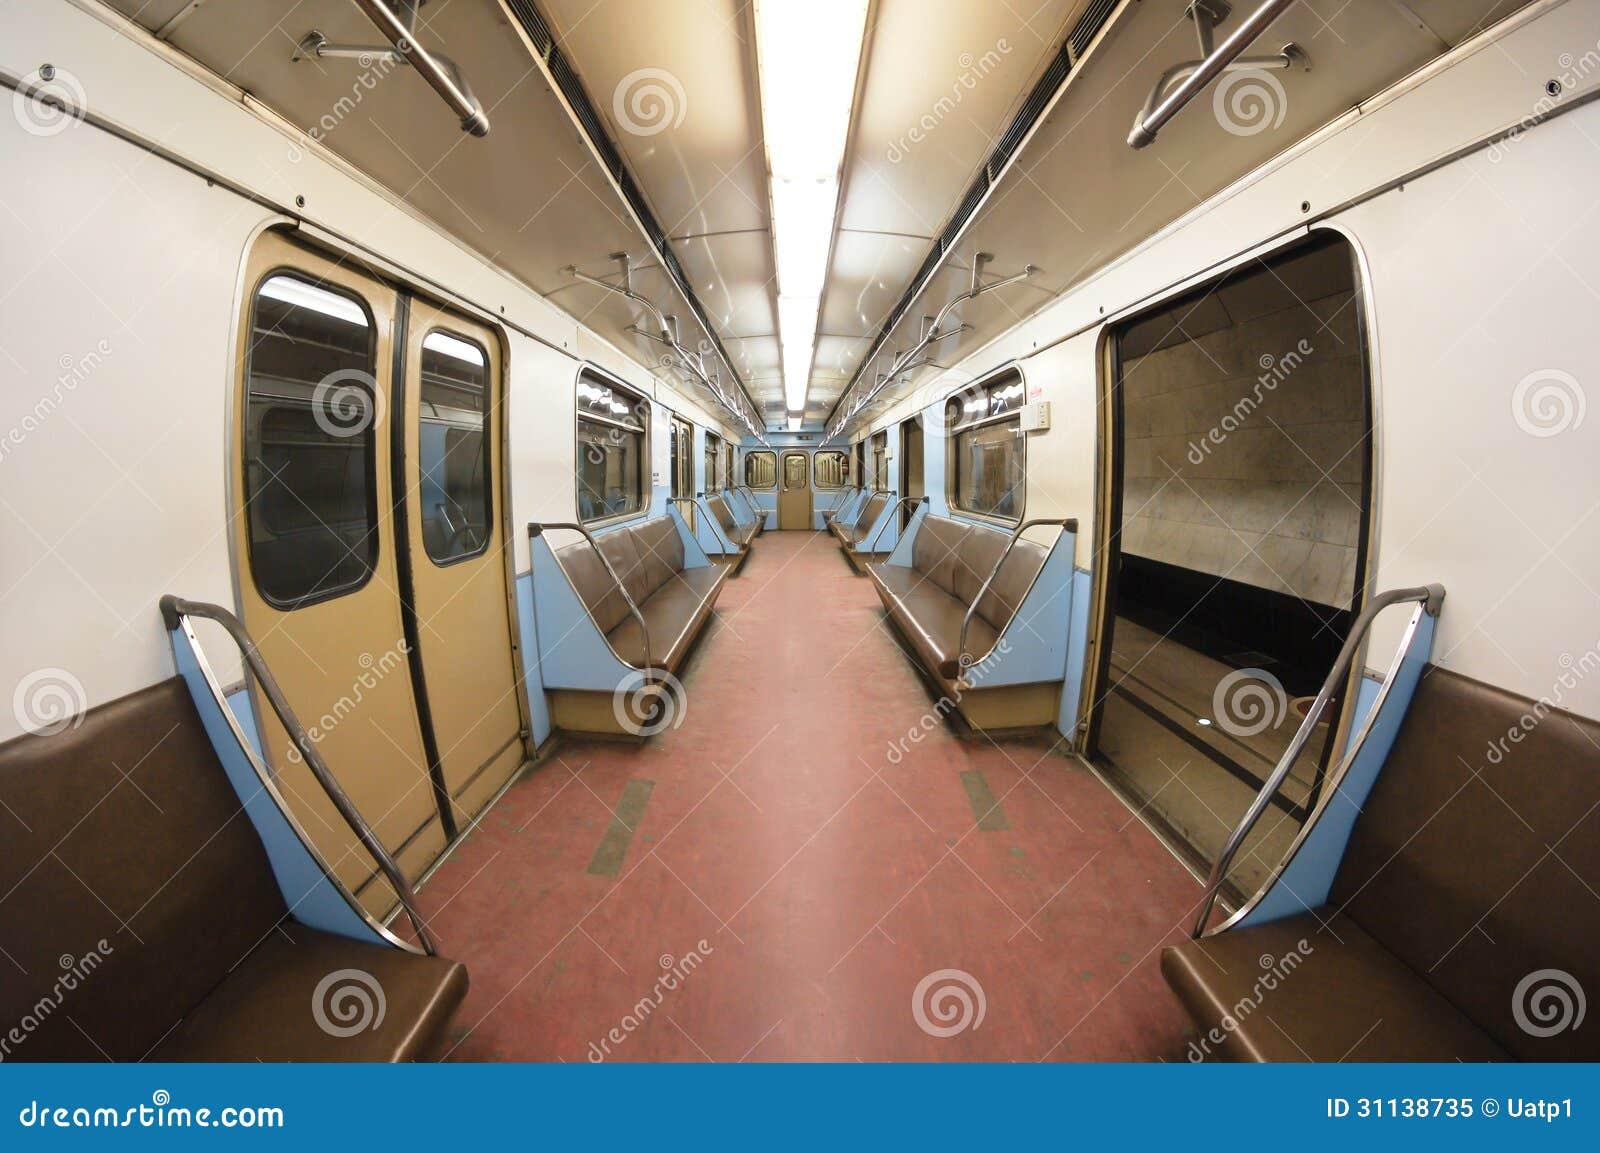 Metro carriage stock image image of passenger tube 31138735 - Carrage metro ...